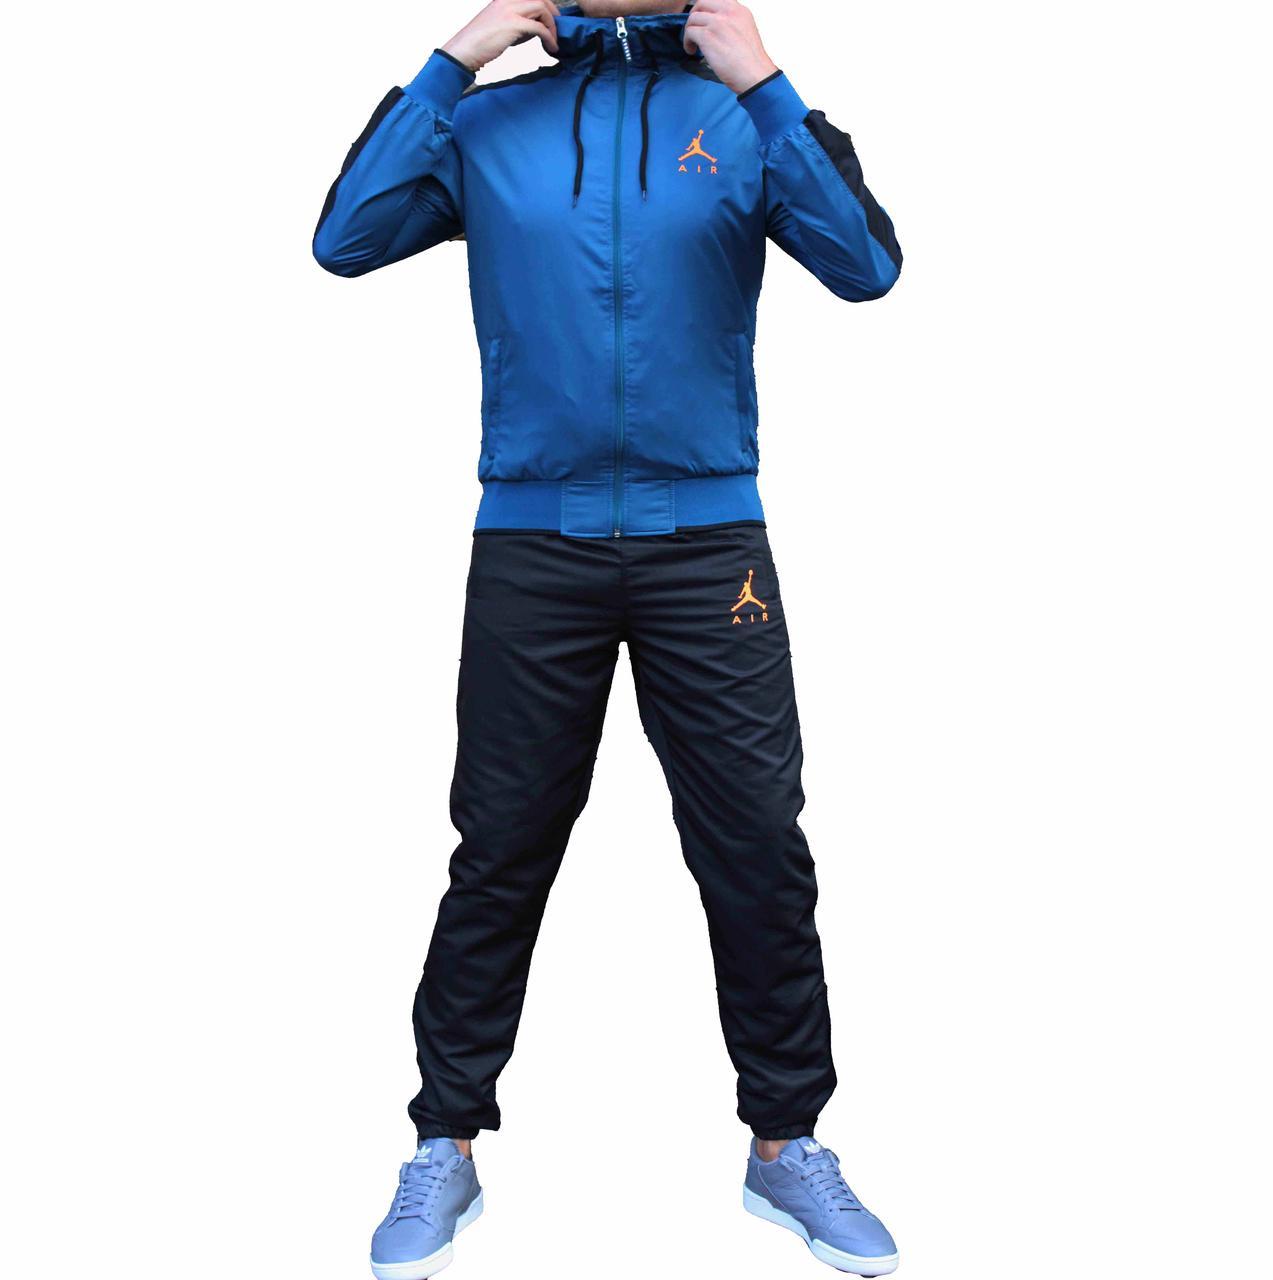 Мужской болоневый спортивный костюм Jordan c капюшоном 44 размер (Реплика)